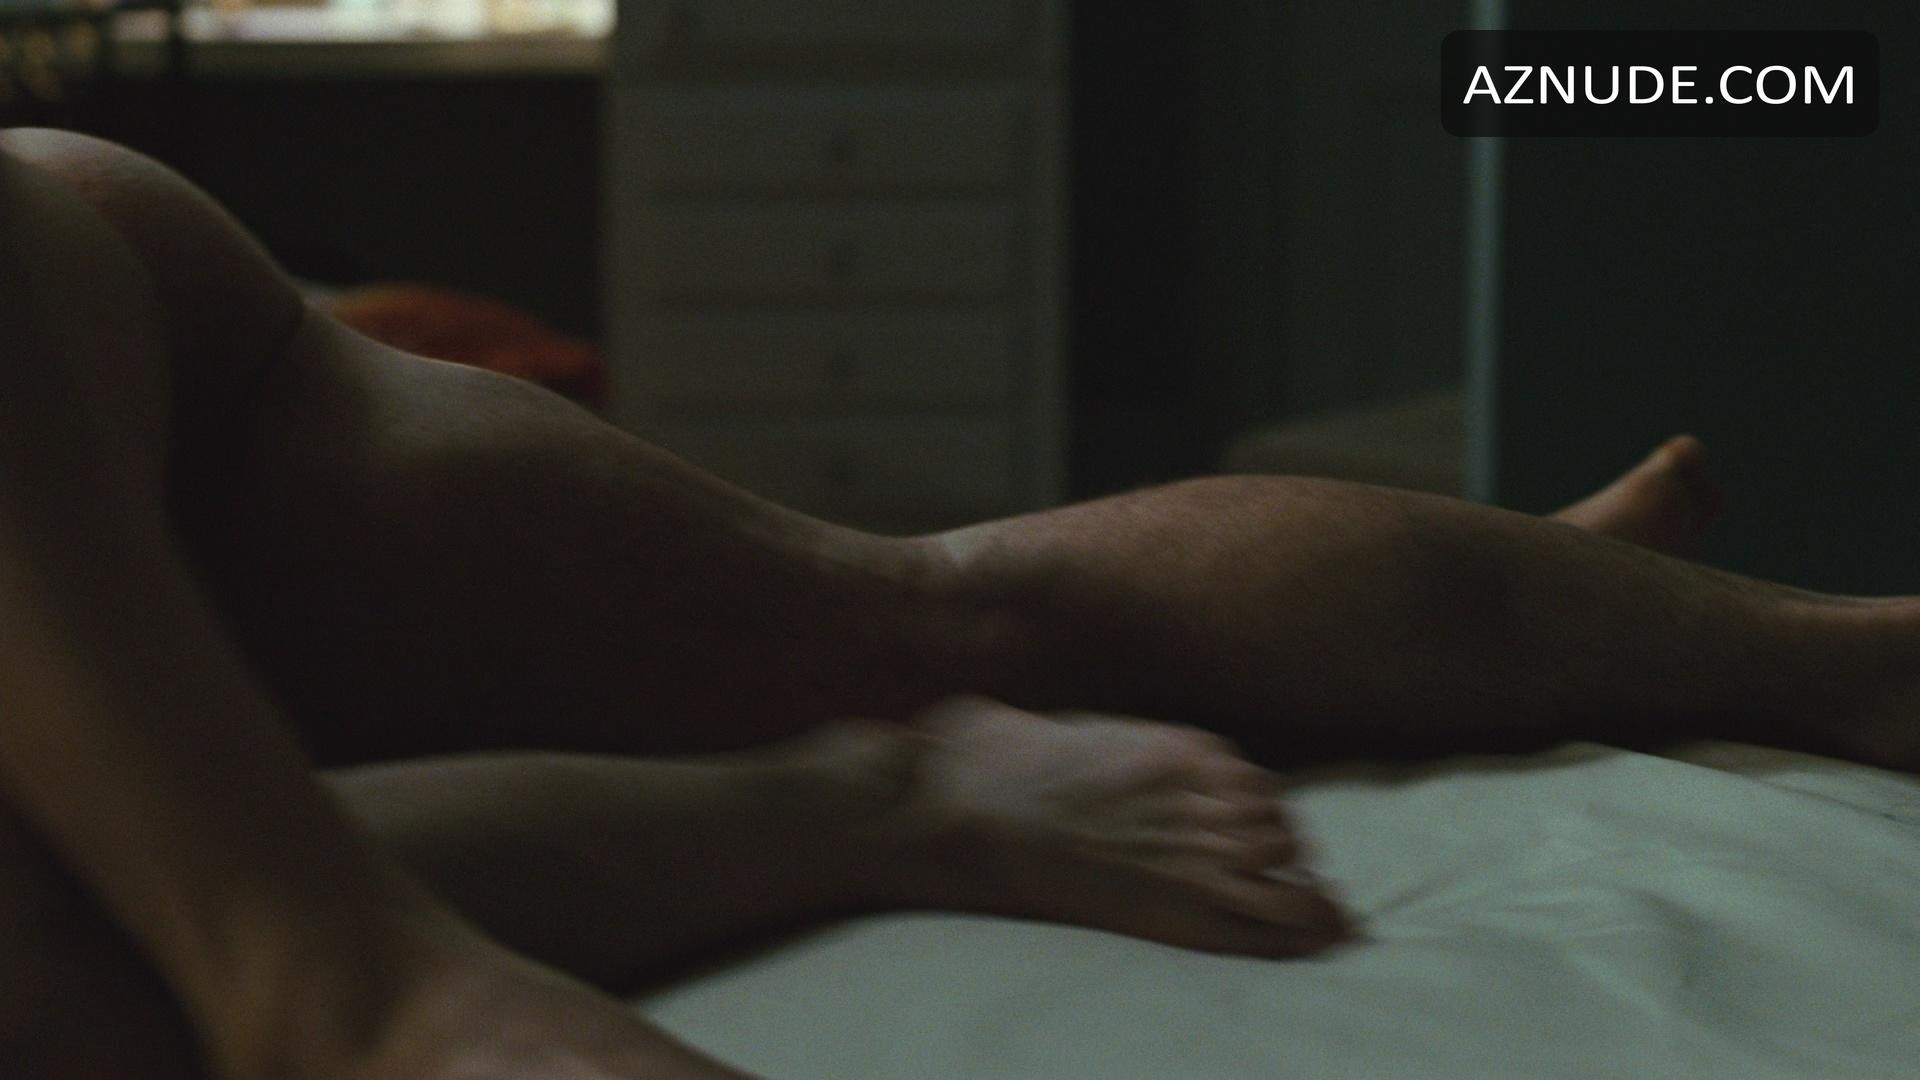 Sex And The City Nude Scenes - Aznude Men-4662